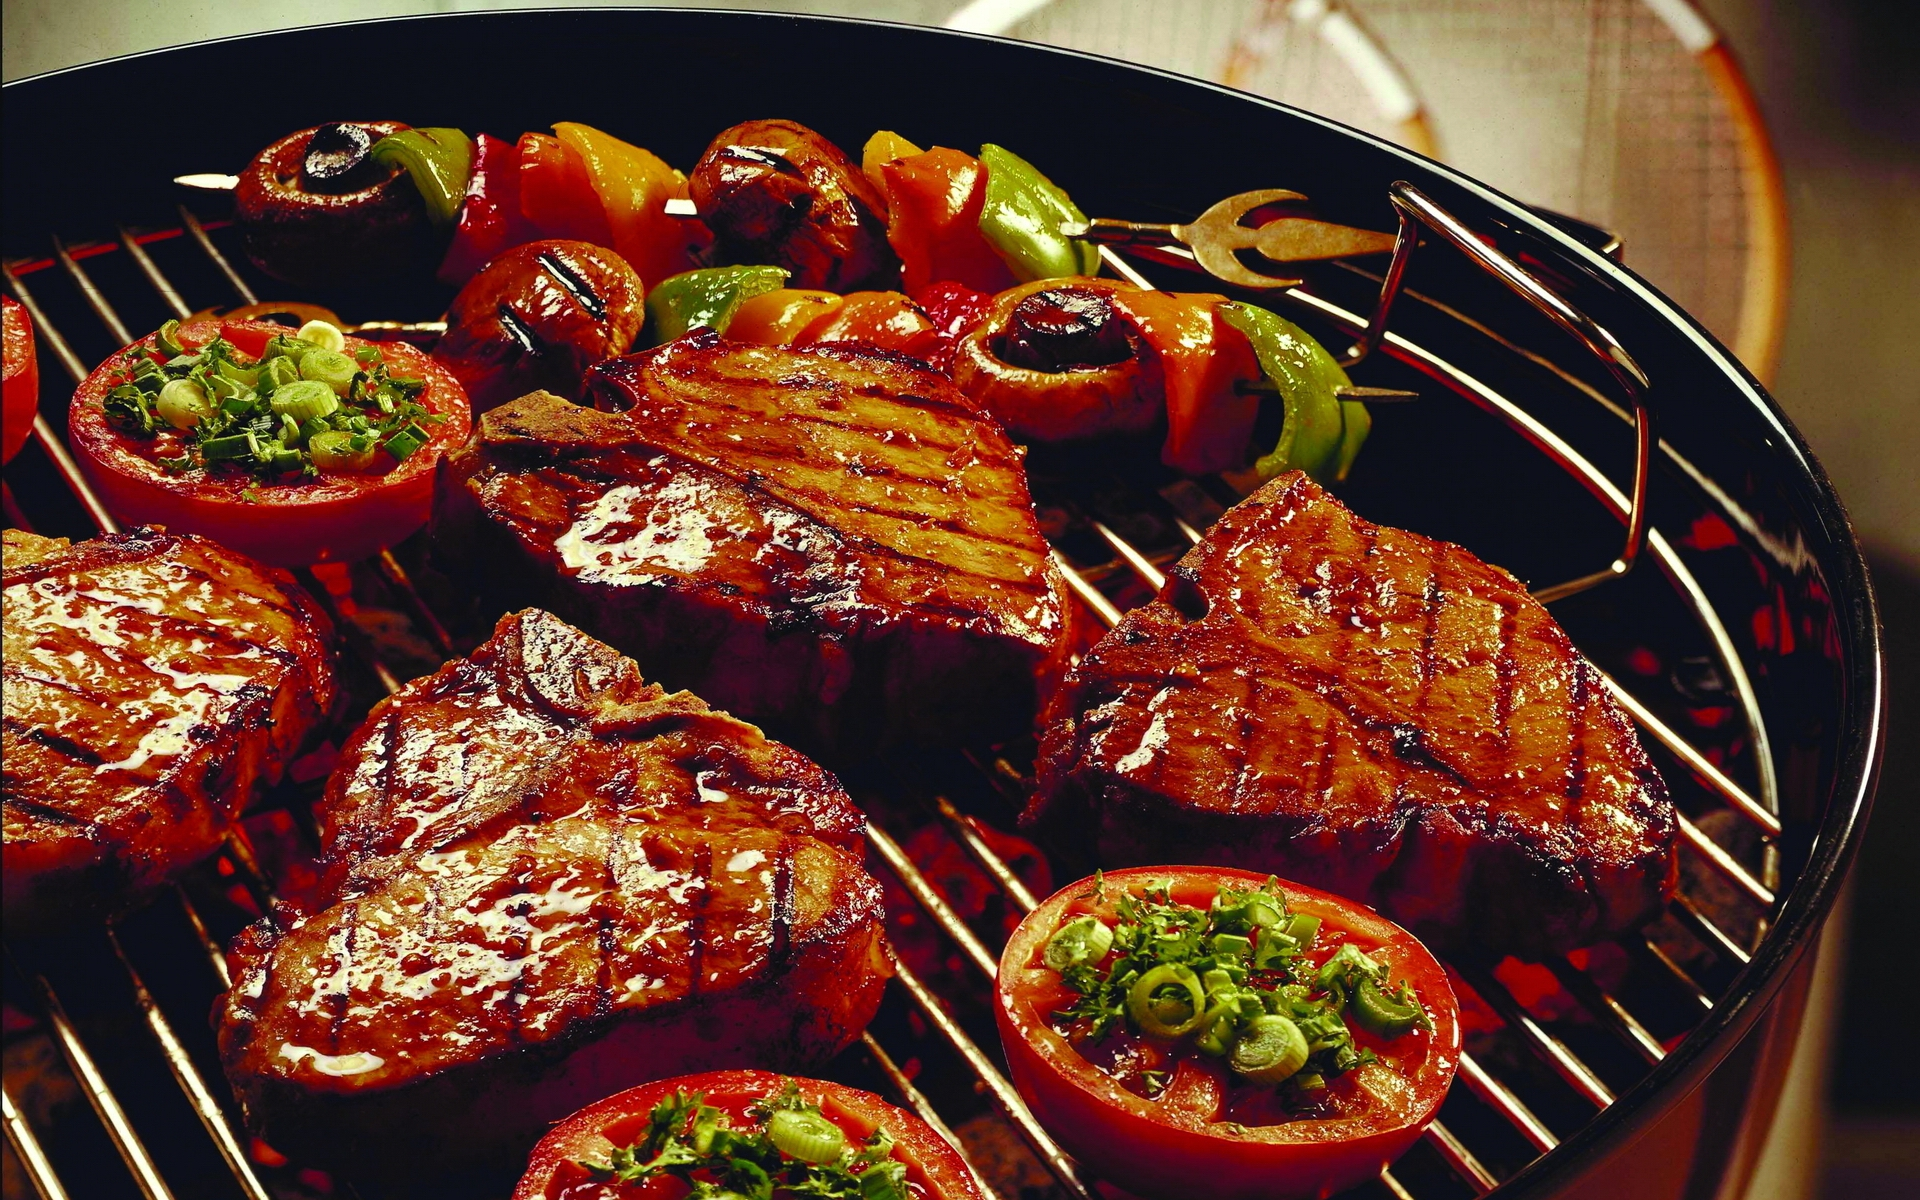 Barbecue Hd Desktop